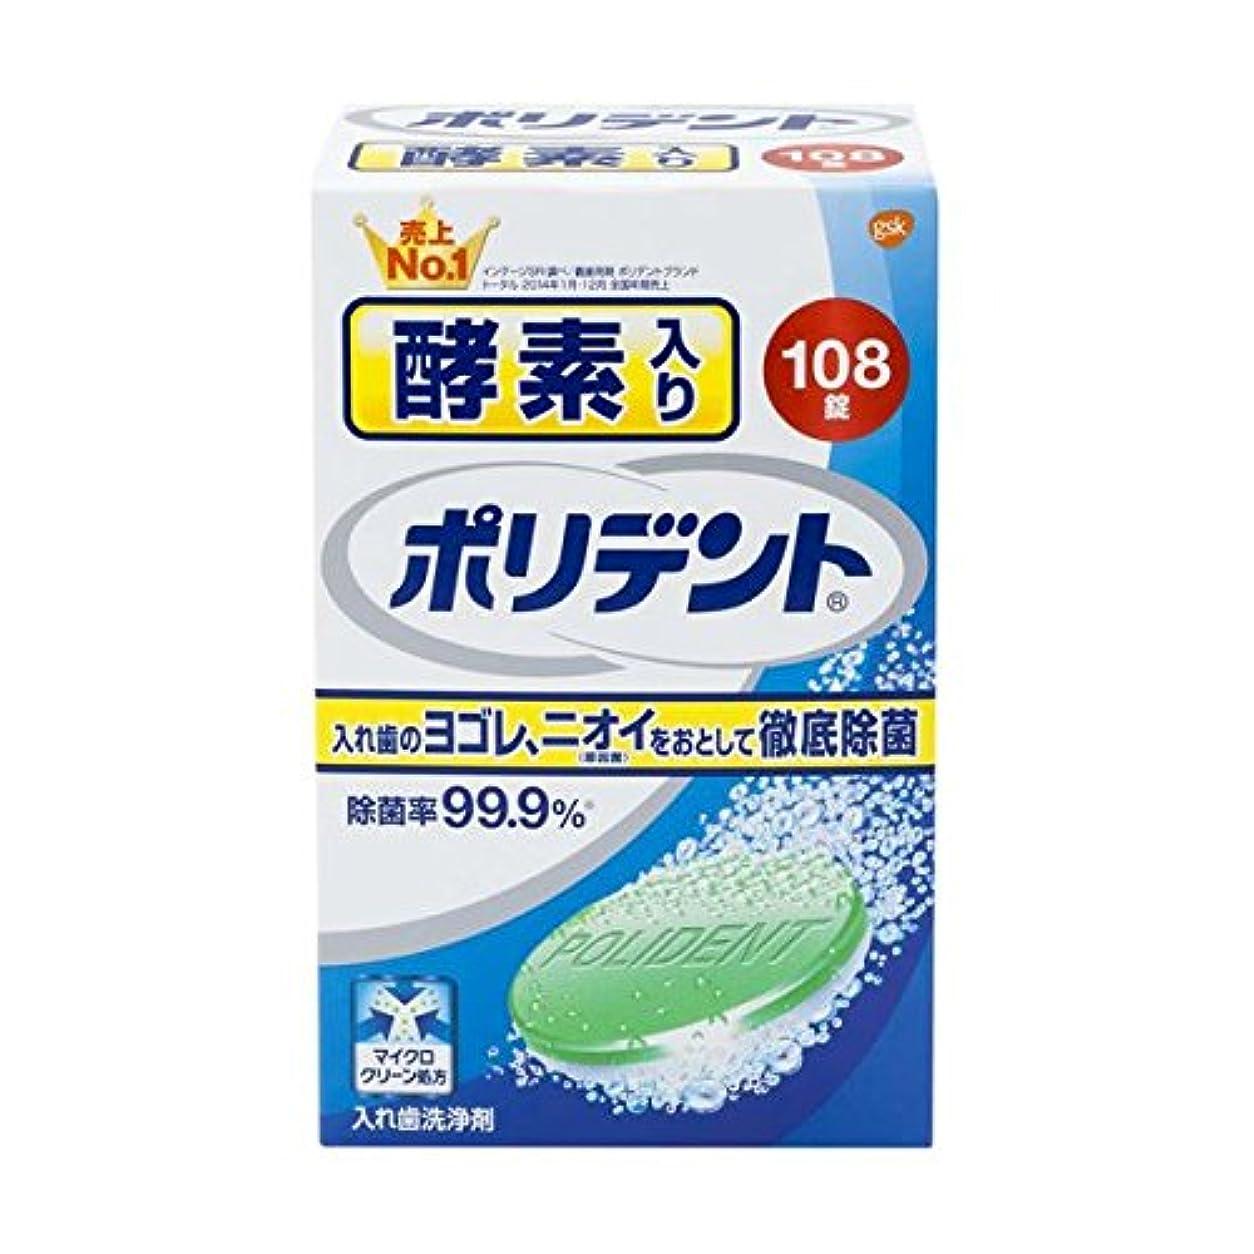 ファイアル時代遅れ任命する【お徳用 3 セット】 酵素入りポリデント 108錠×3セット